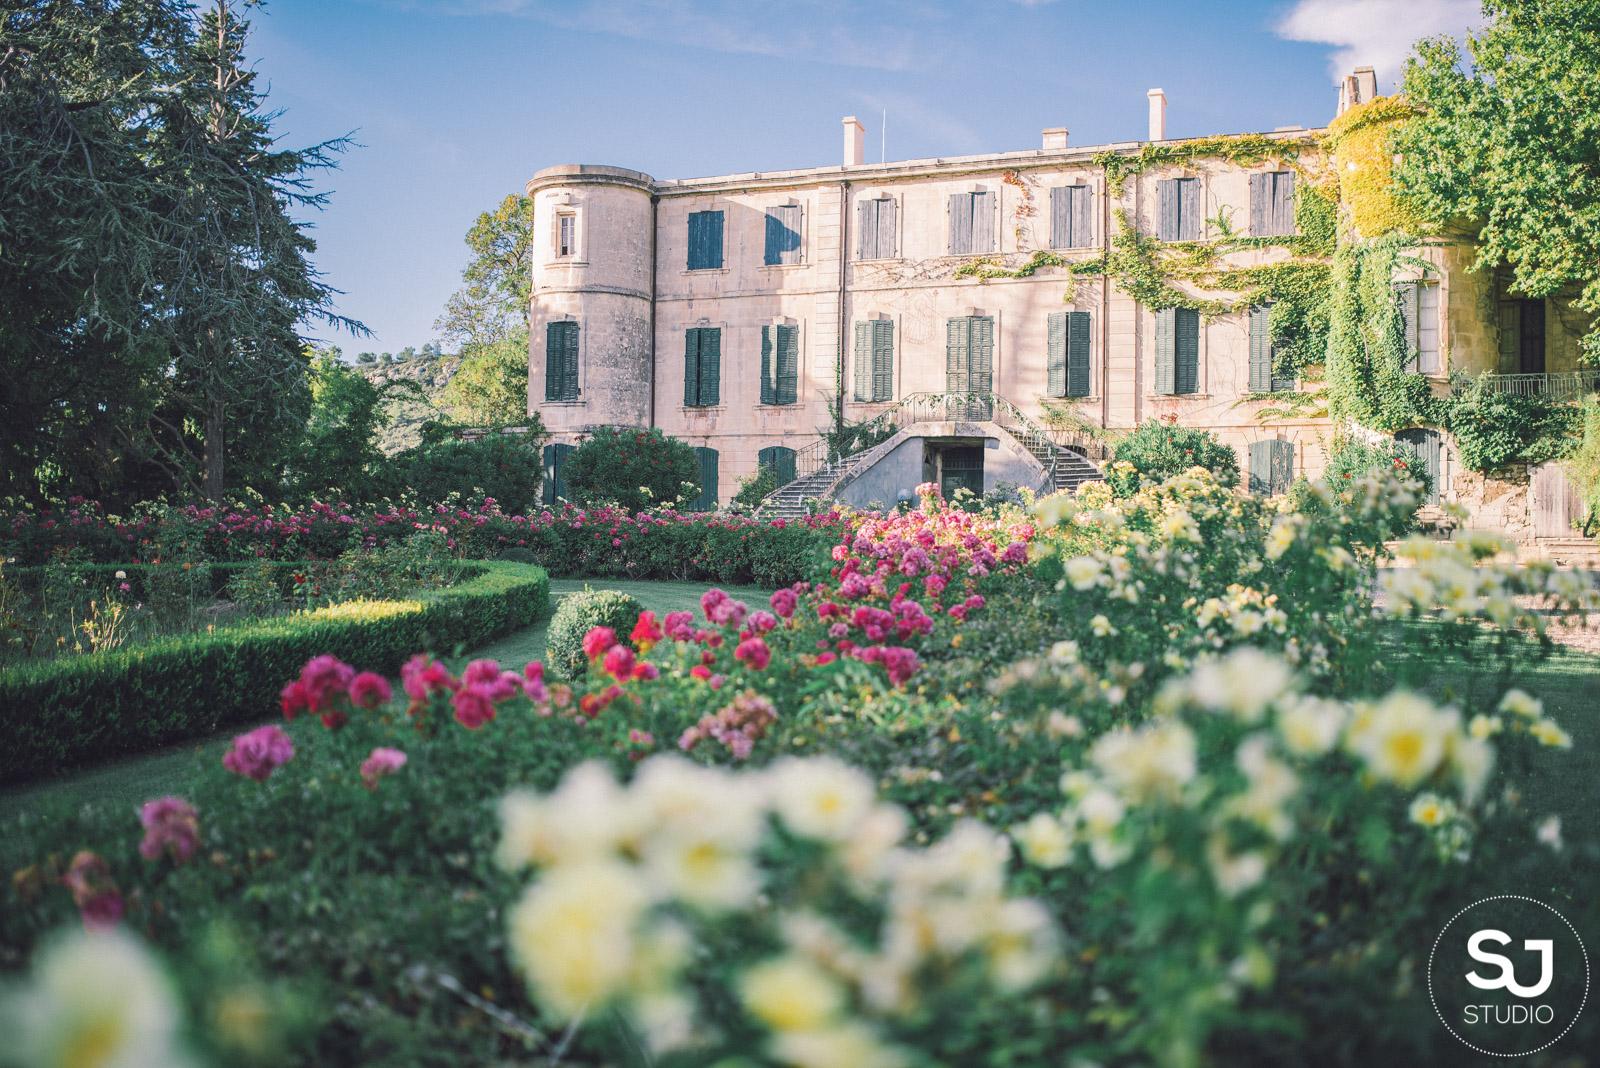 Photographe de Mariage Chateau d'Estoublon Arles Provence Alpilles-5